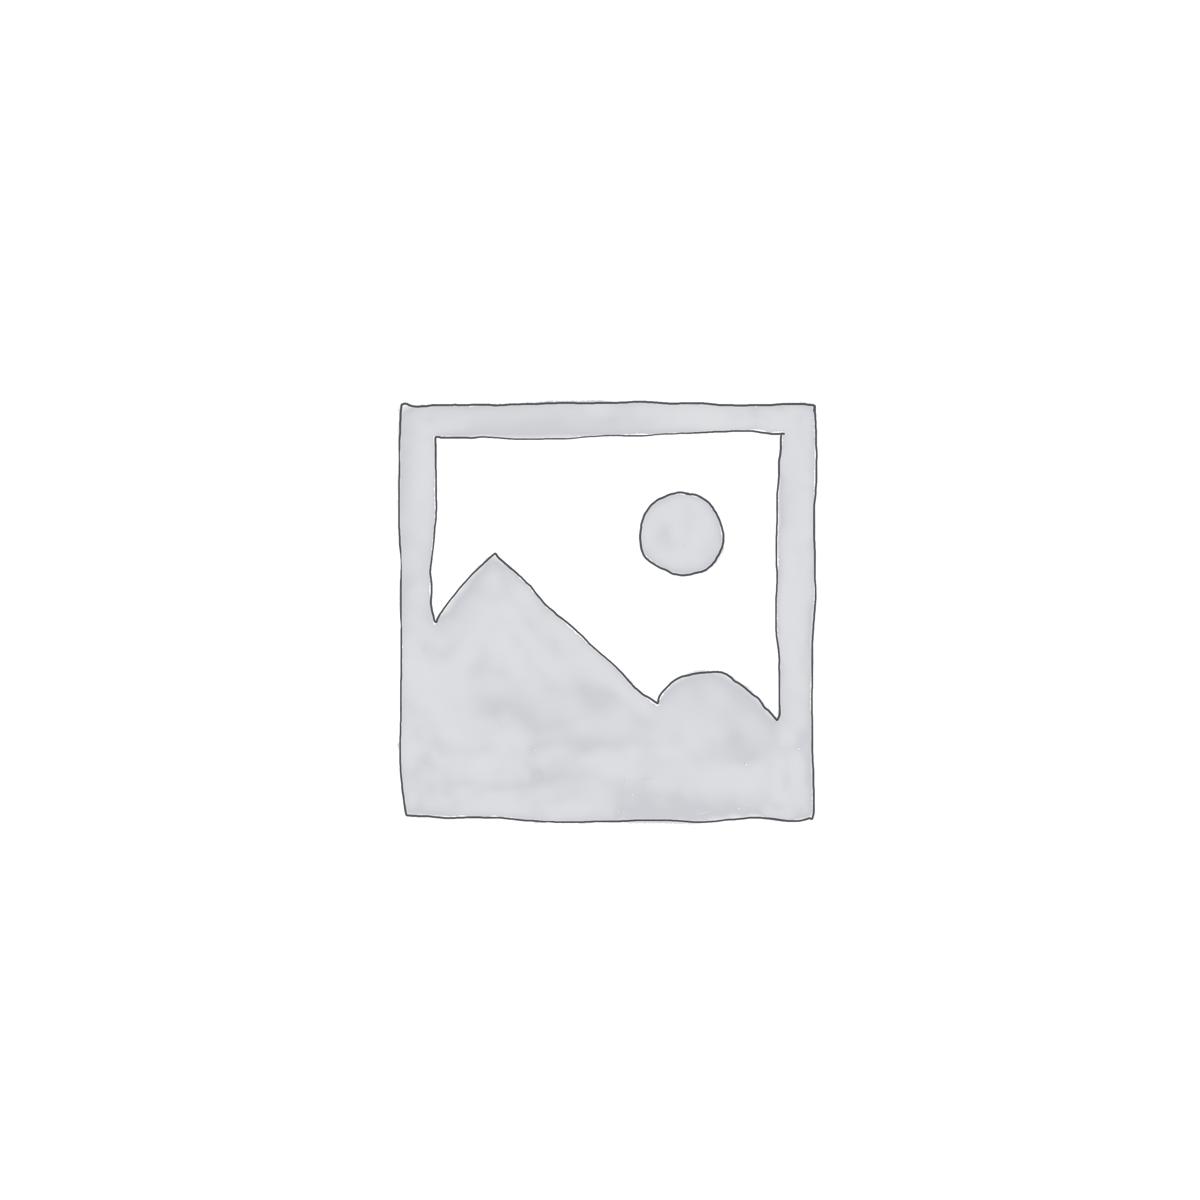 Кнопка обогрева ветрового стекла У-3163 «Патриот»    /П/[50]